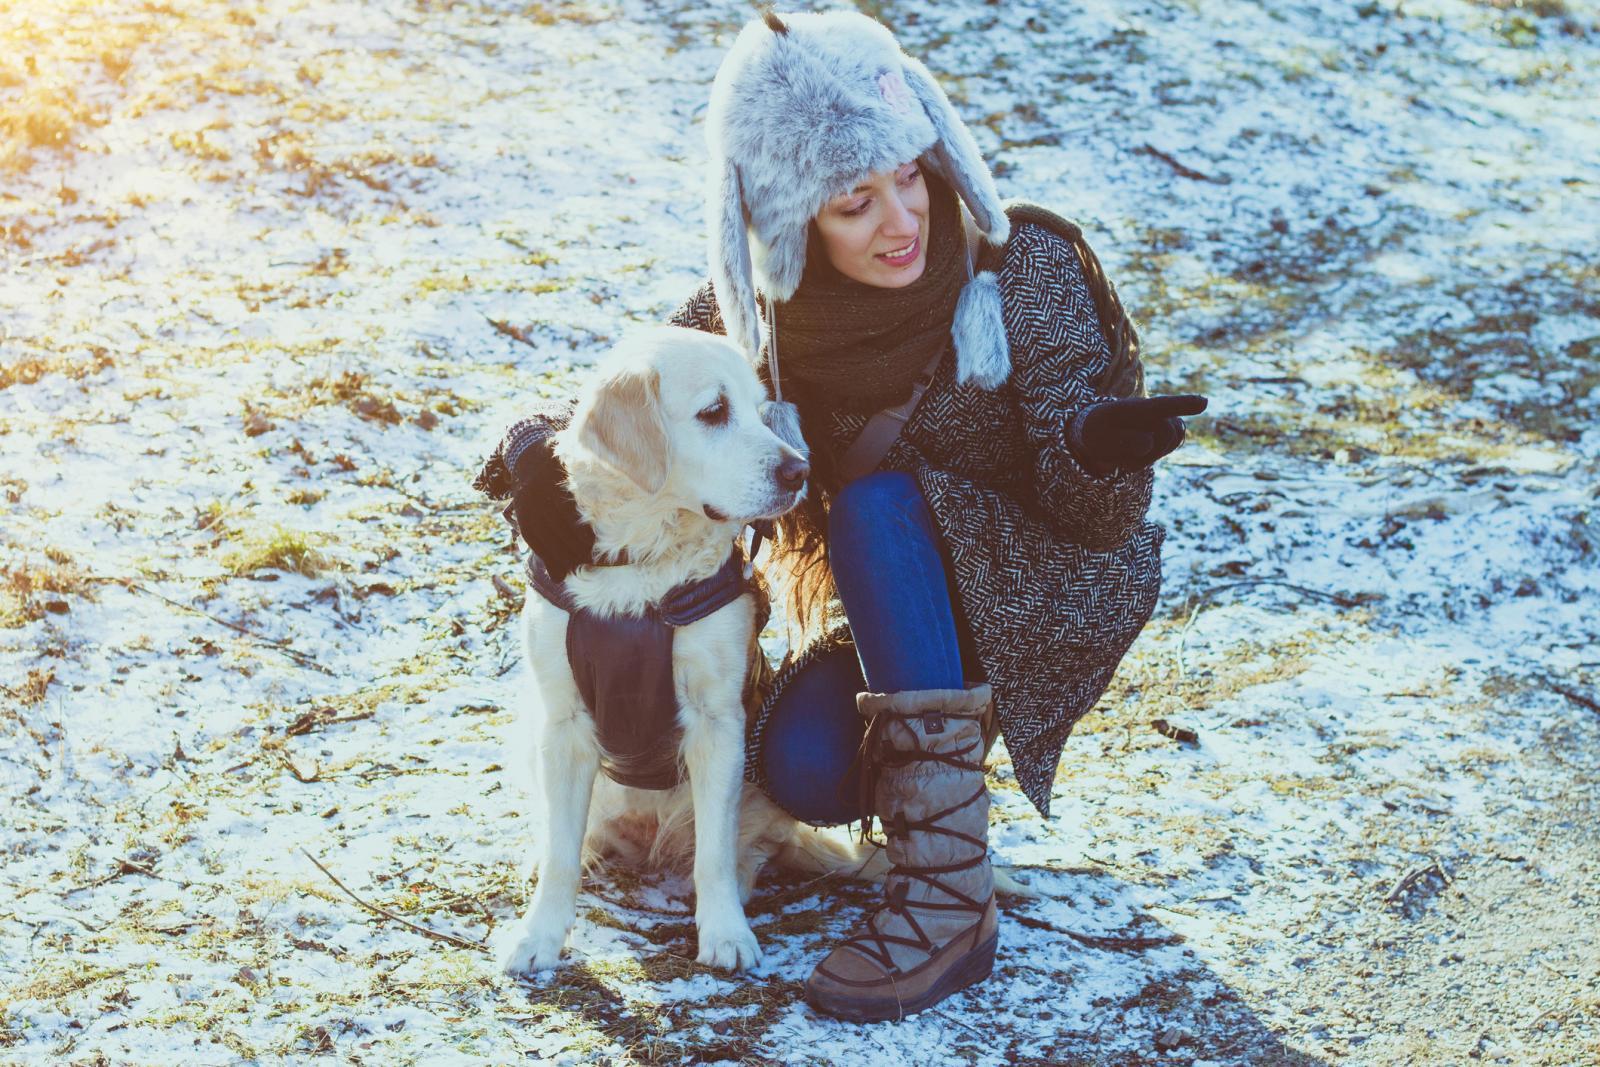 U hladnim mjesecima brojni ljubimci imaju tegoba s raspucanim jastučićima na šapicama, posebno ako dulje borave na snijegu.